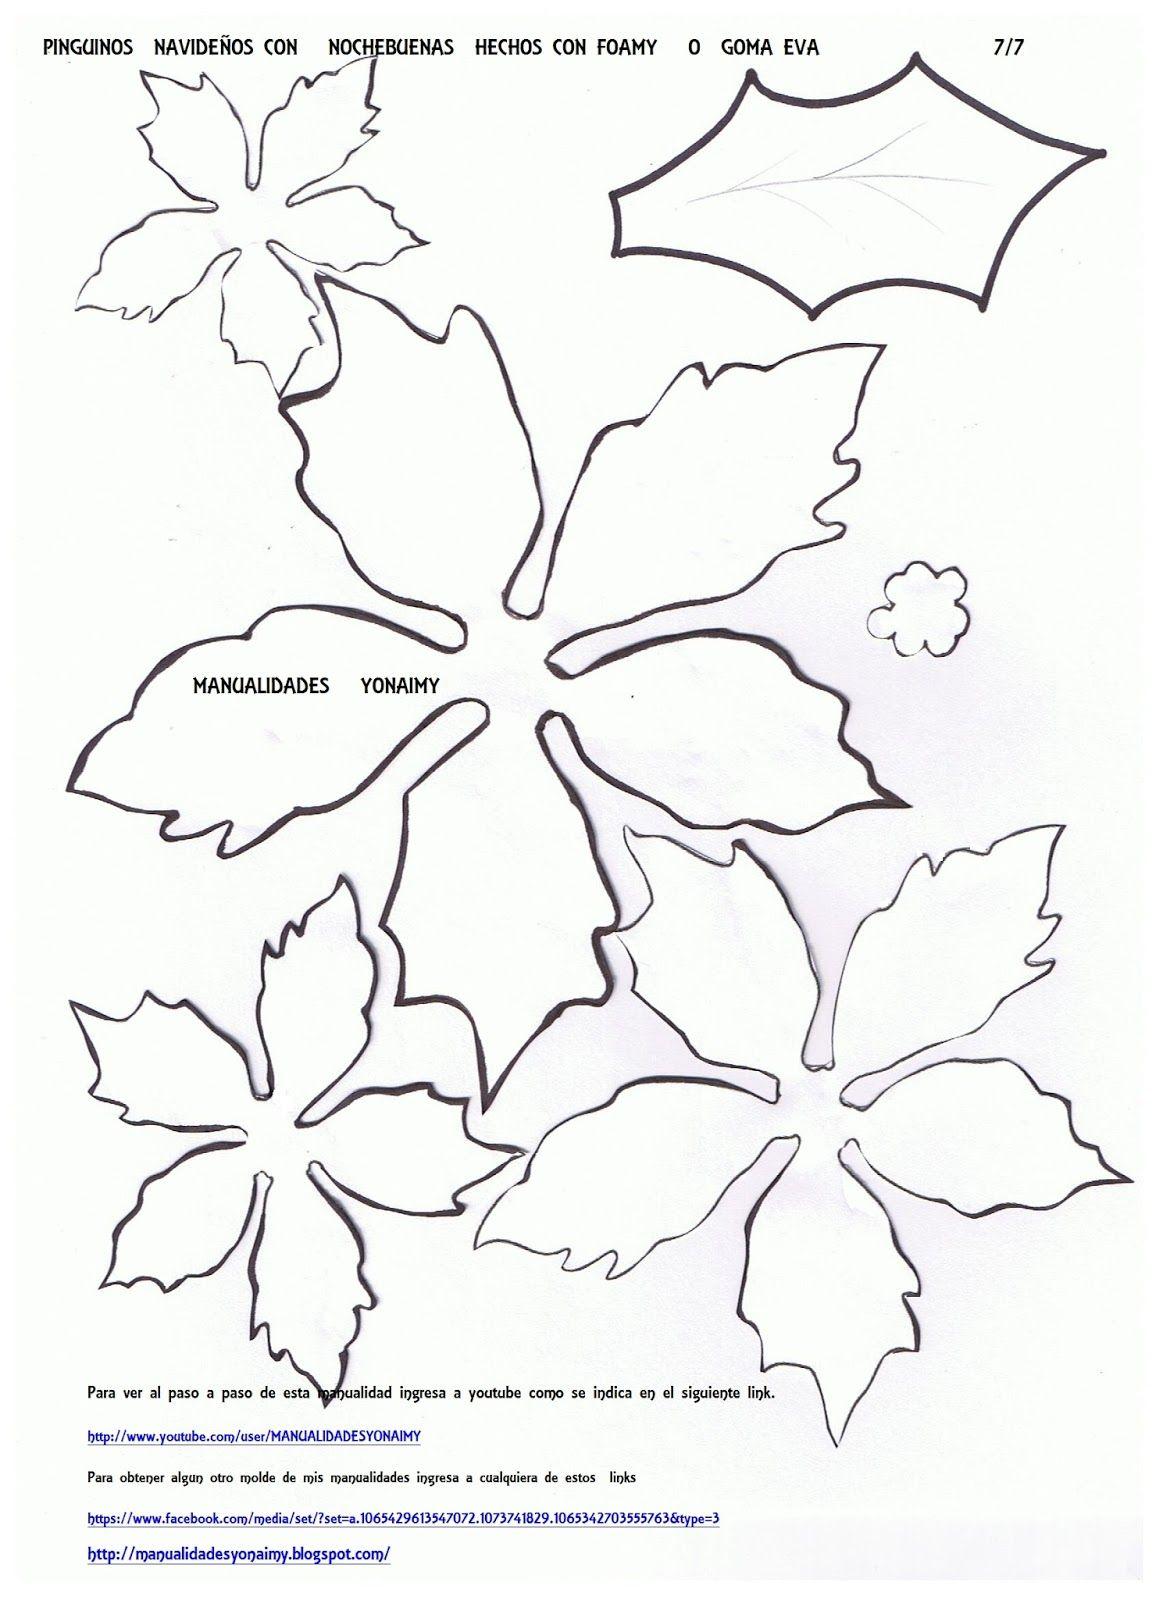 Manualidades Yonaimy Nochebuena Navidad Flor De